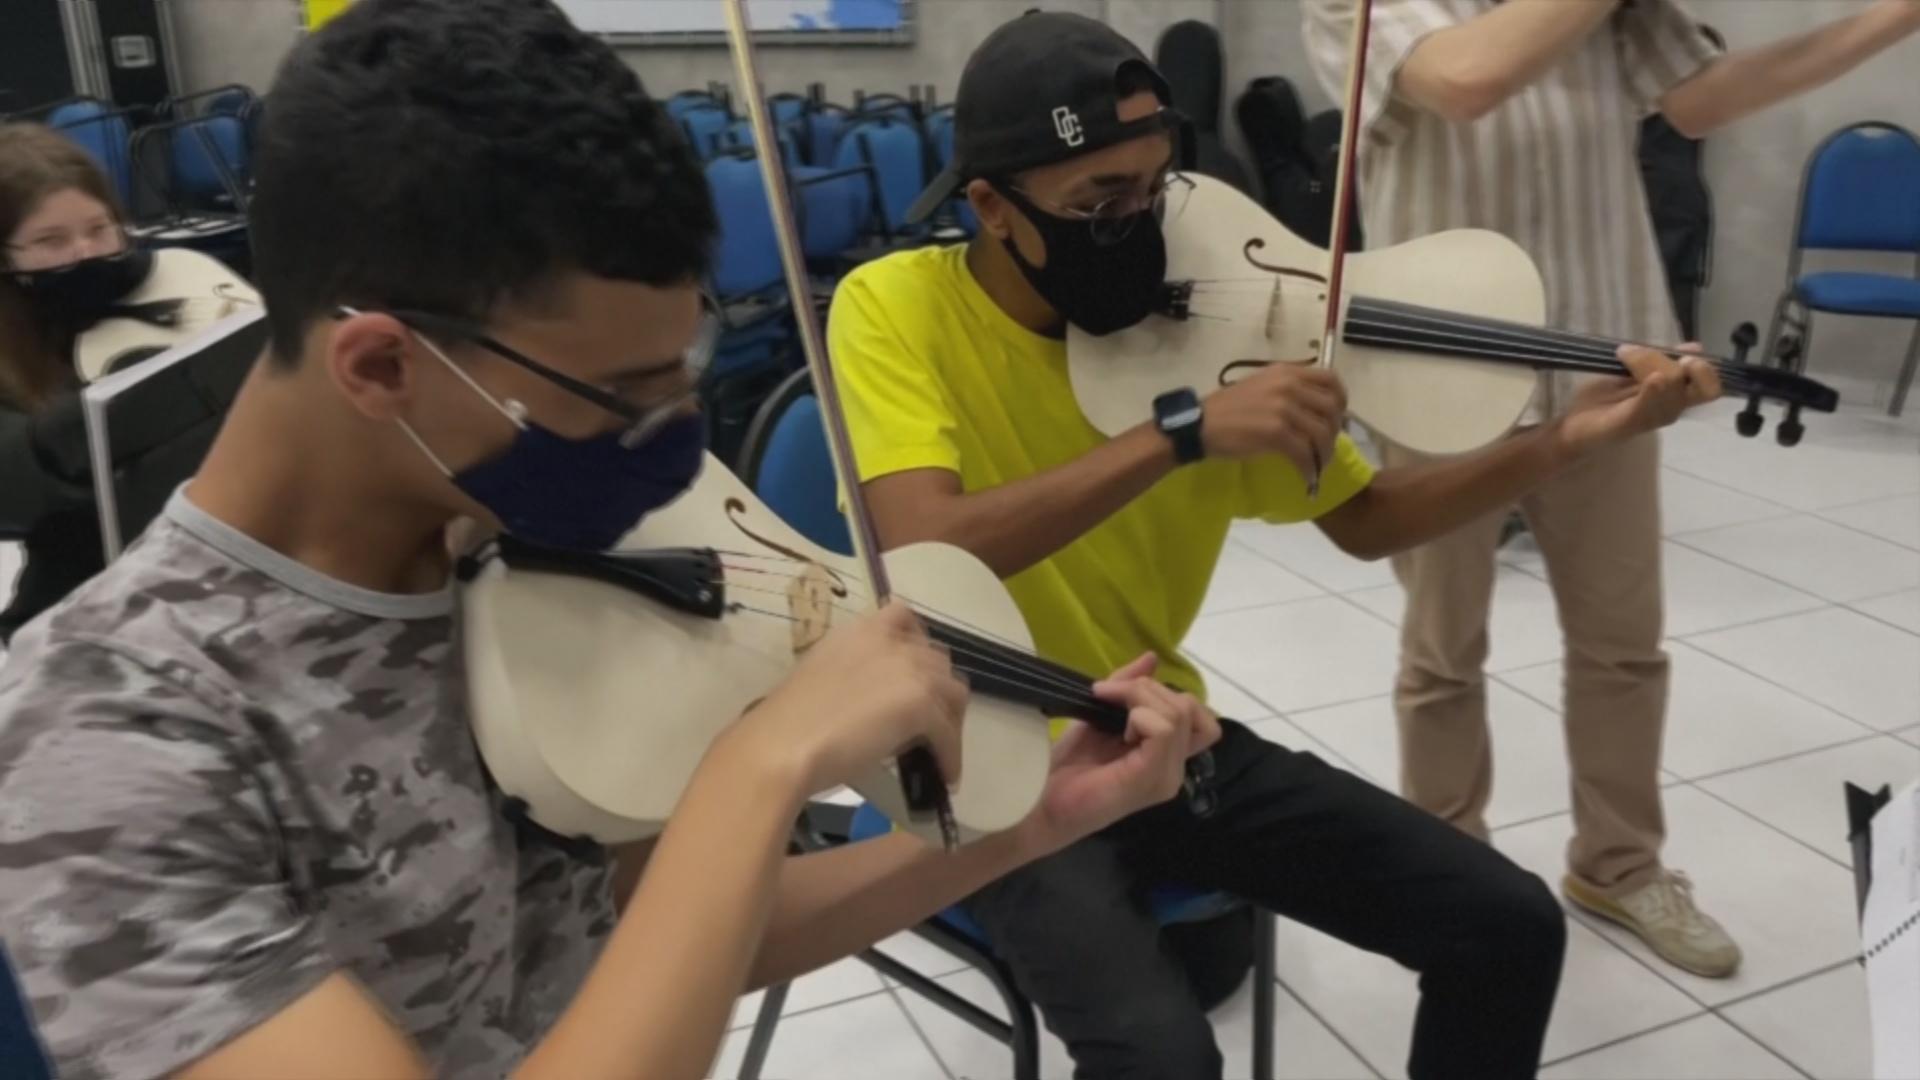 Скрипка для бедных: как из ПВХ делают инструменты